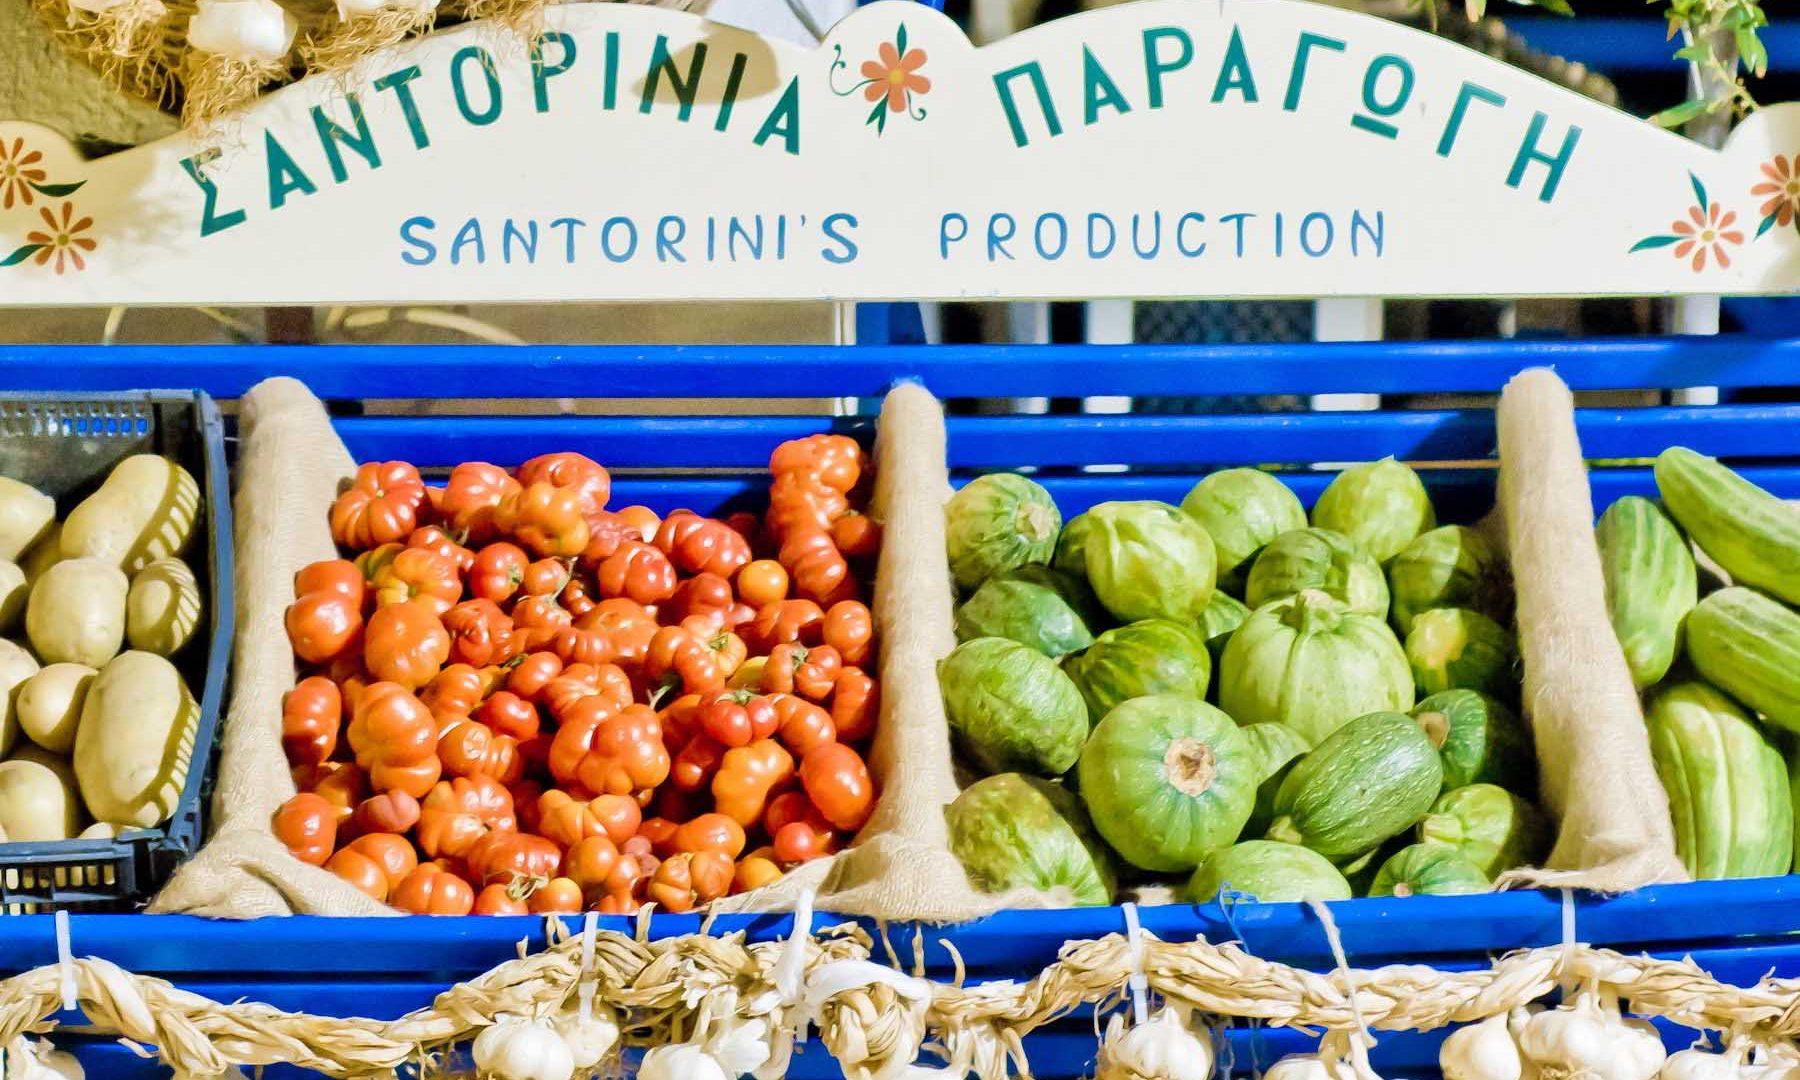 Παραδοσιακά Προιόντα Οία Σαντορίνη | Kastro Oia Houses